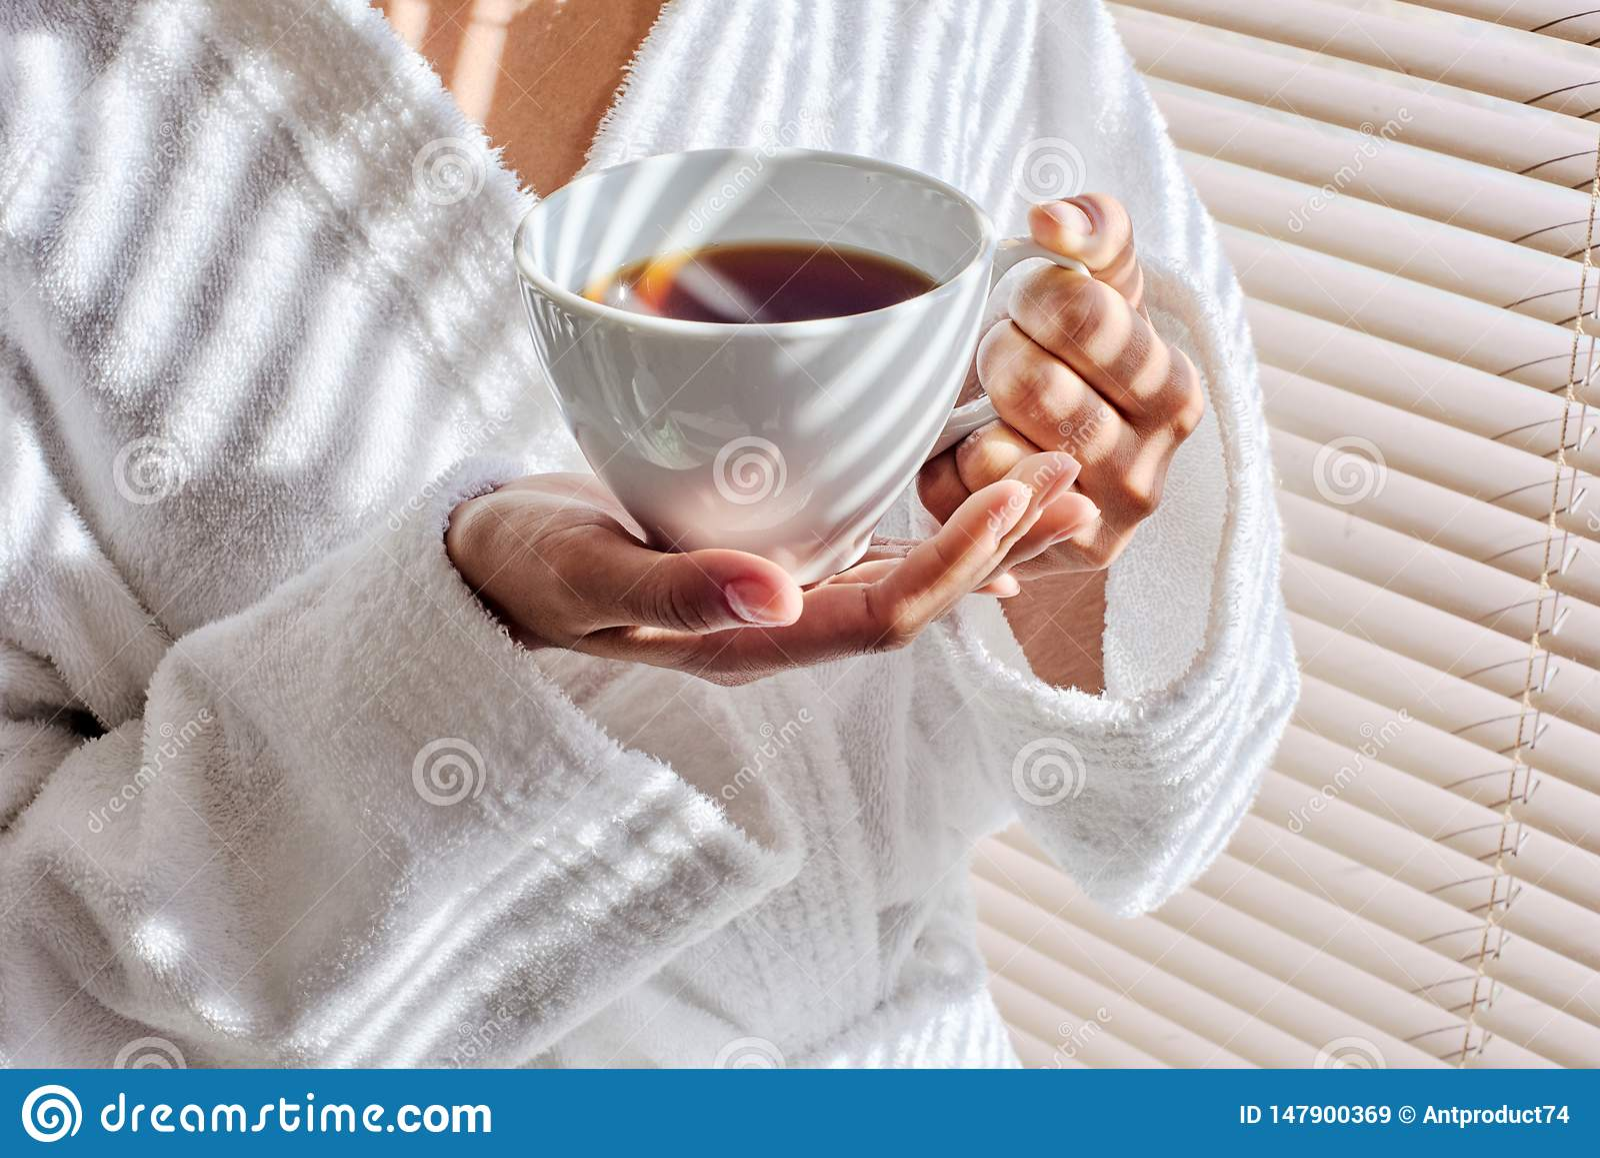 Koppkvinnlign hands holdingtea